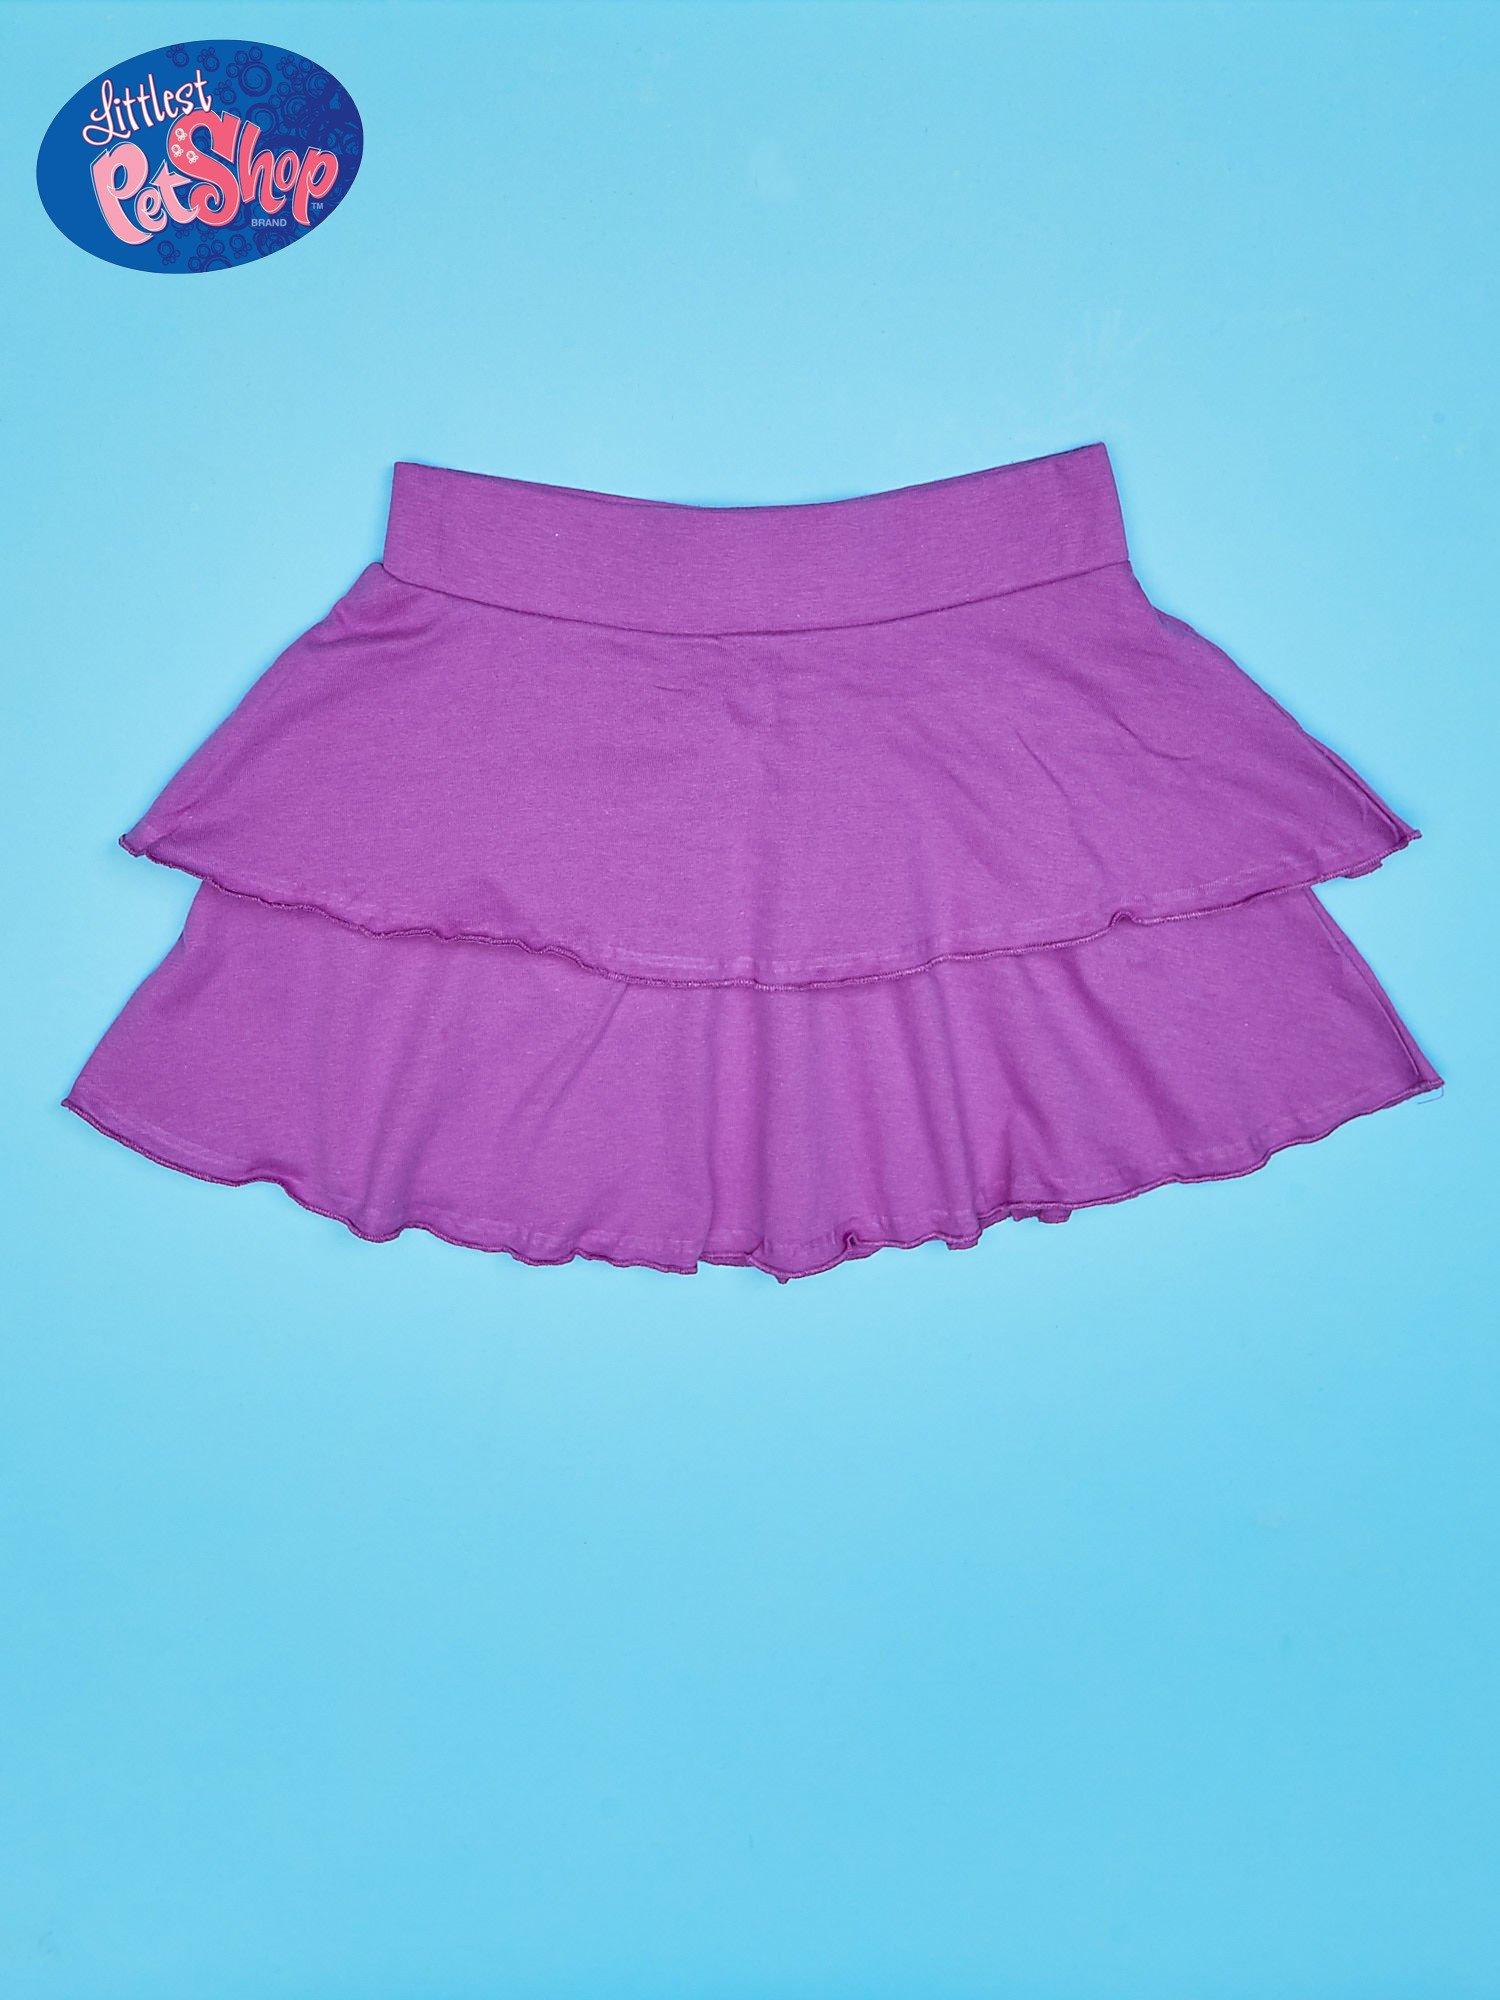 Fioletowa spódnica dla dziewczynki LITTLEST PET SHOP                                  zdj.                                  2